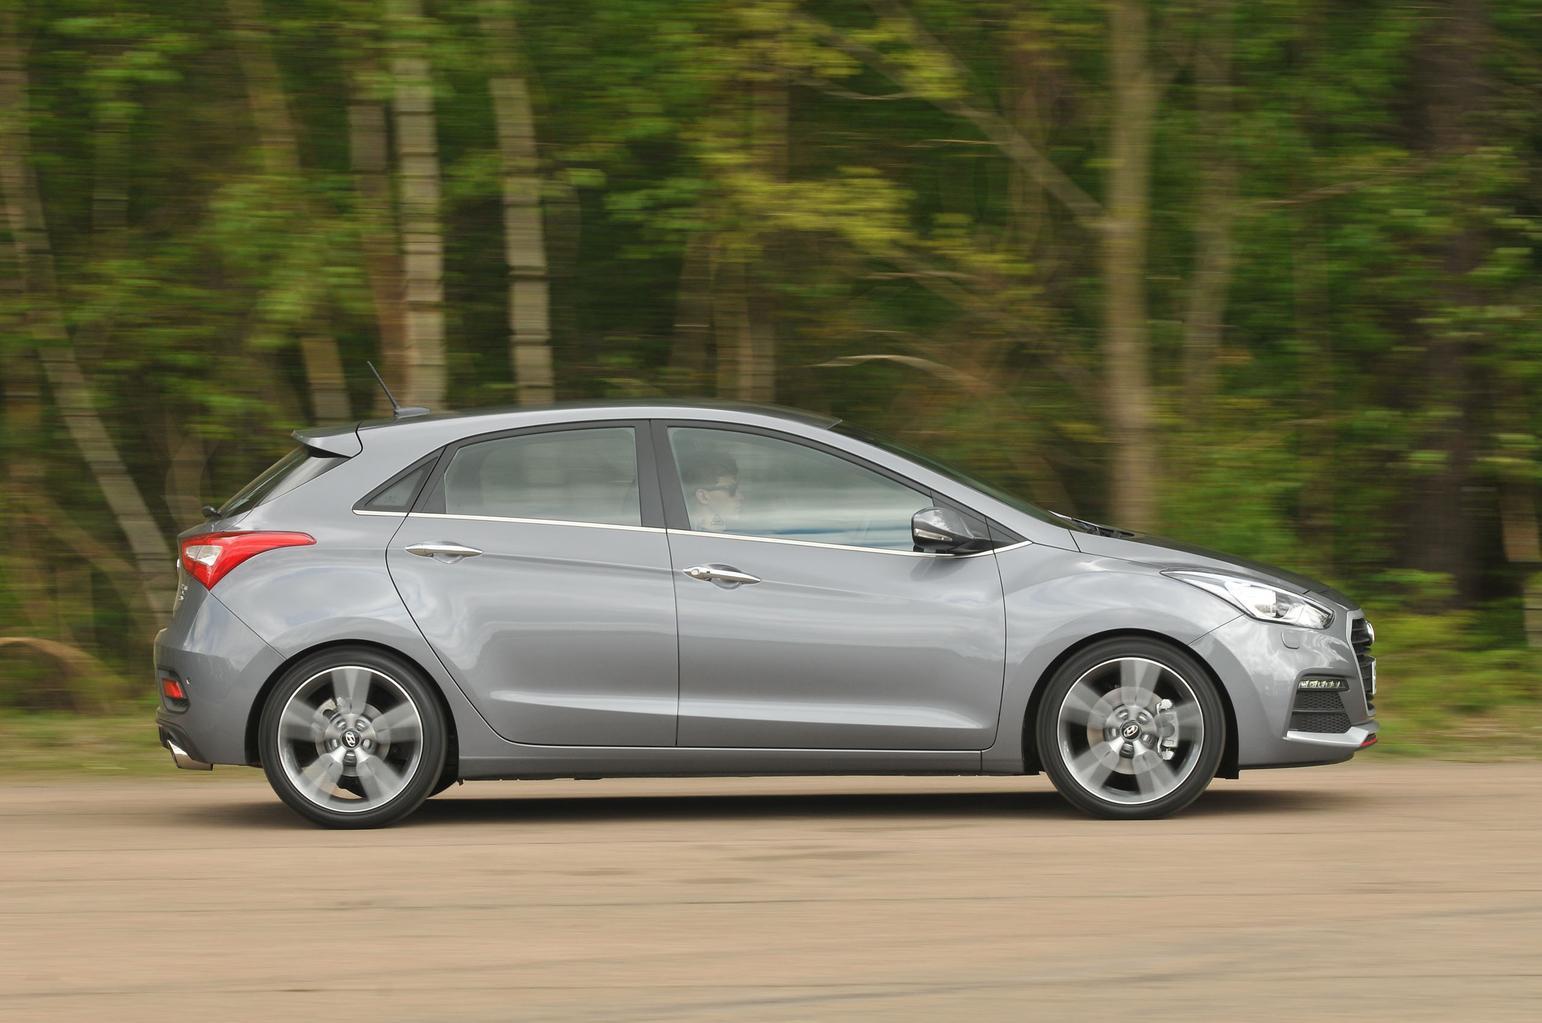 5 reasons to buy a Hyundai i30